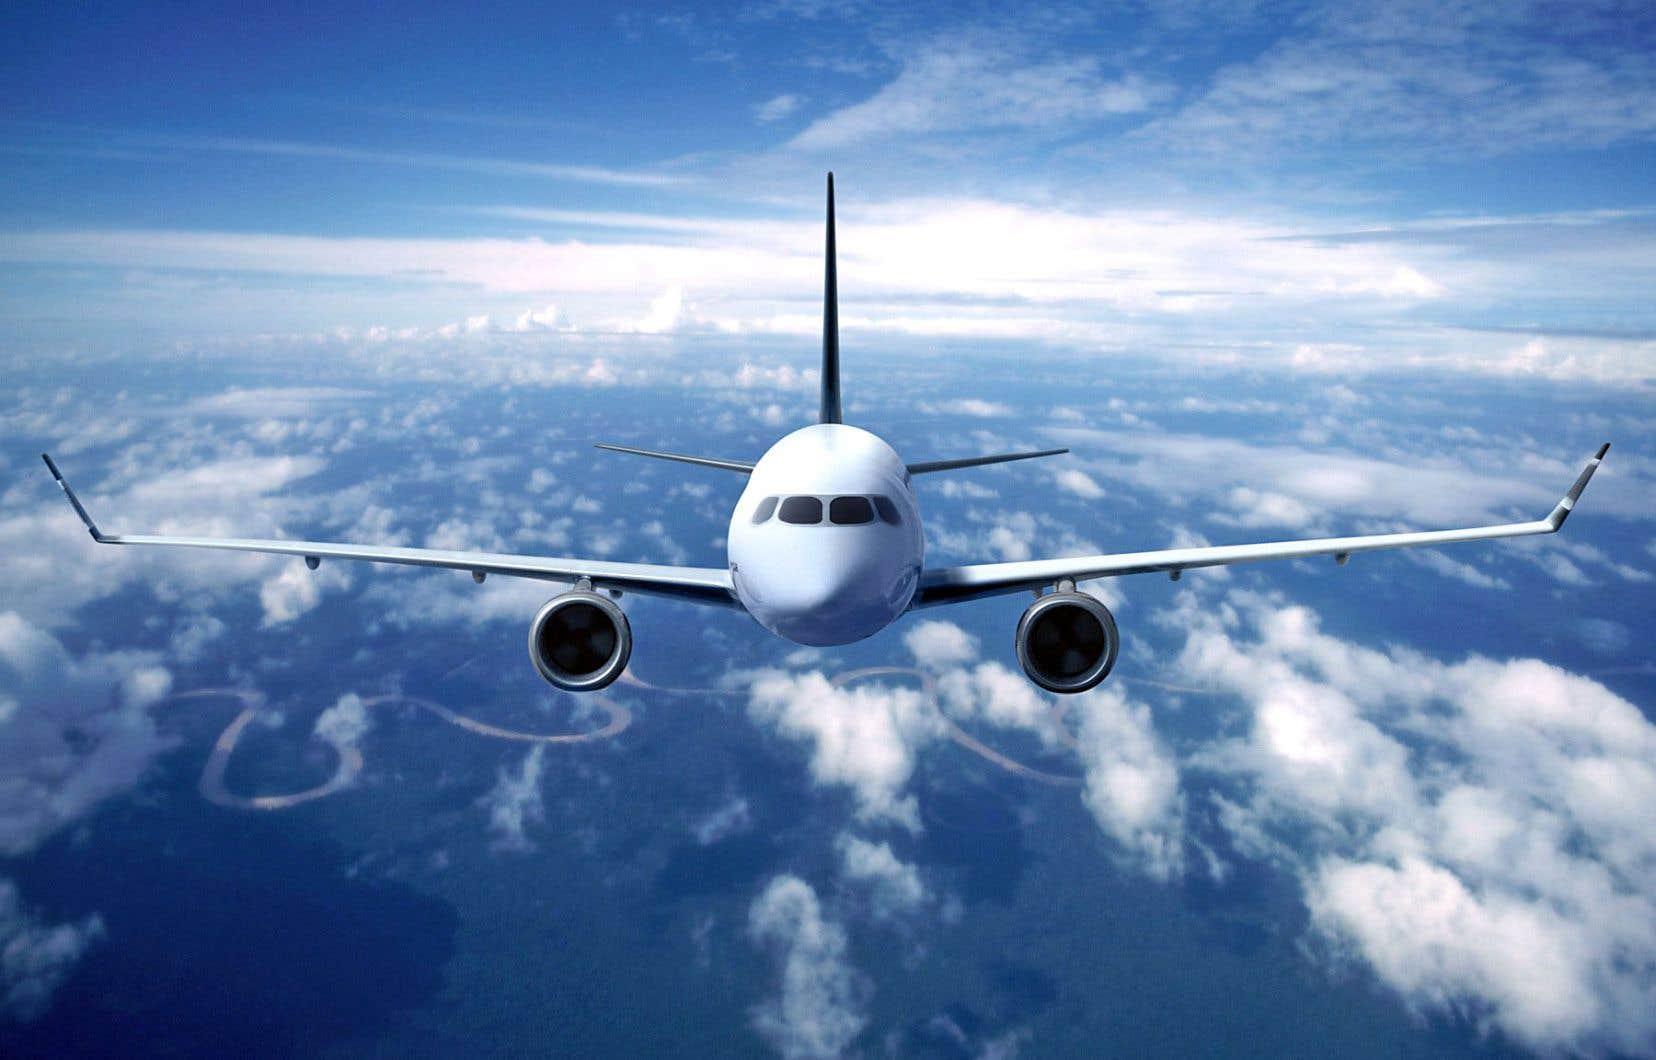 Dans une lettre ouverte diffusée lundi, 88 organisations venant de 34 pays ont étalé leur crainte de voir l'aviation civile recourir massivement aux biocarburants afin d'appuyer leur cible de réduction de gaz à effet de serre.